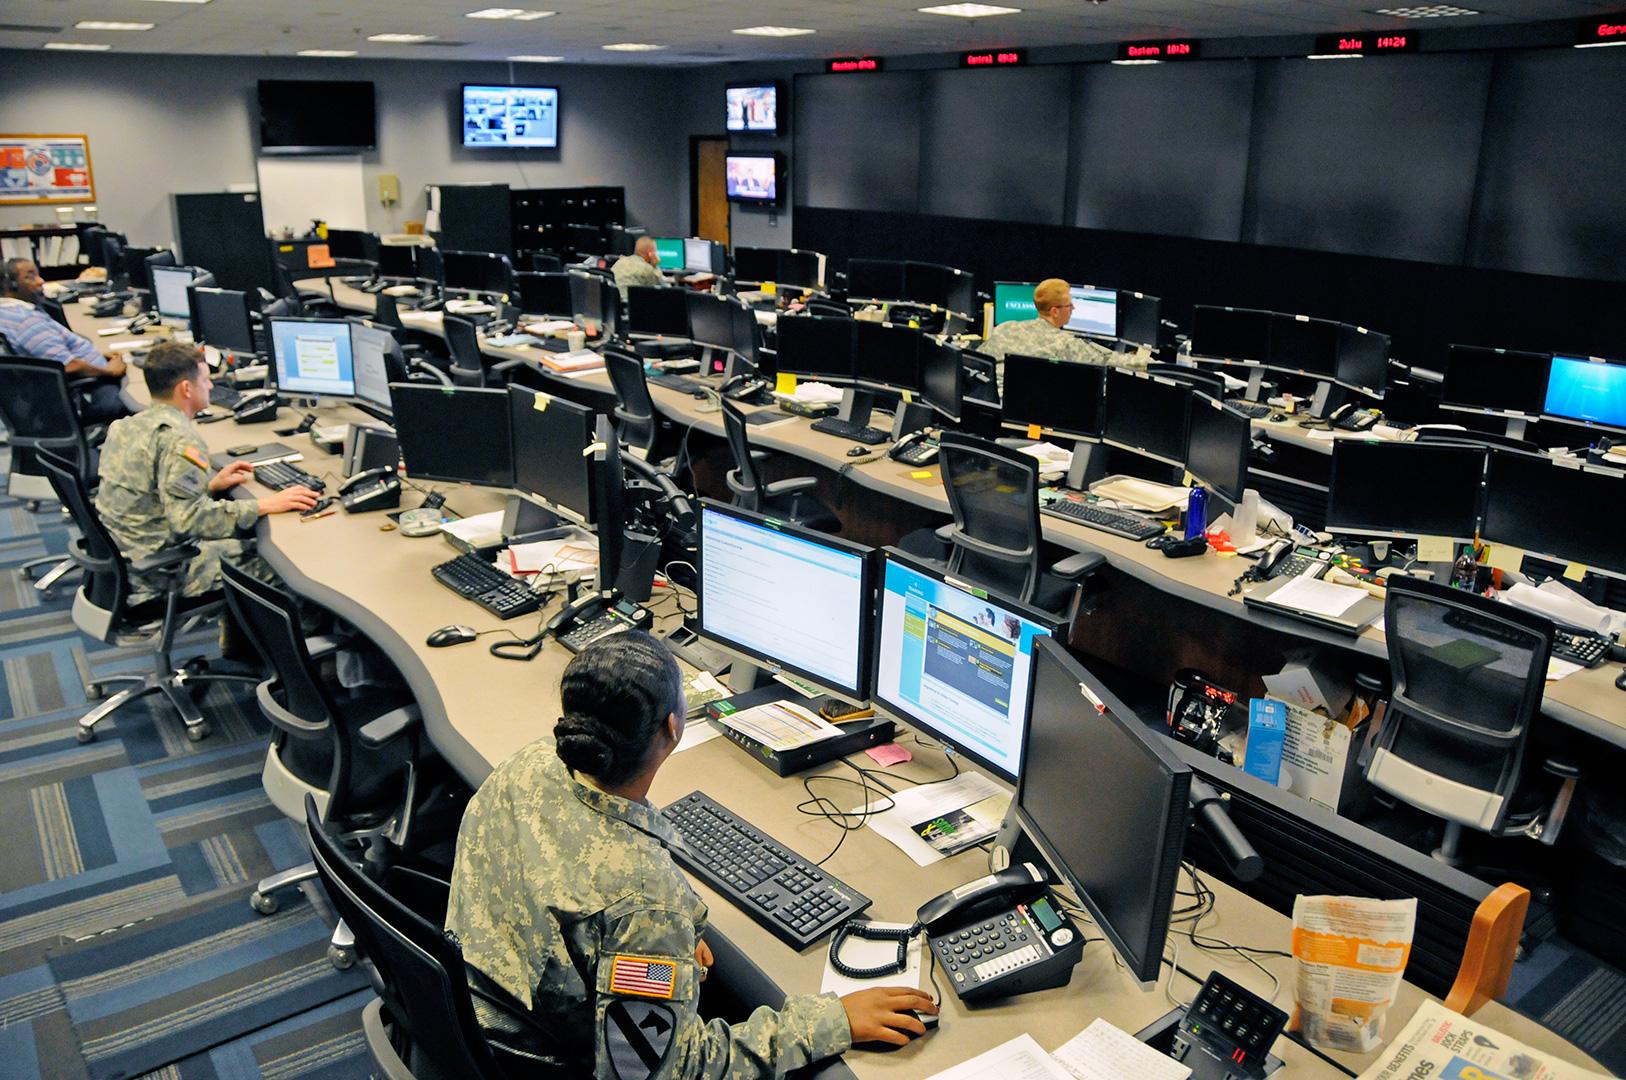 جنگ سایبری و فریبکاری در دنیای دیجیتال